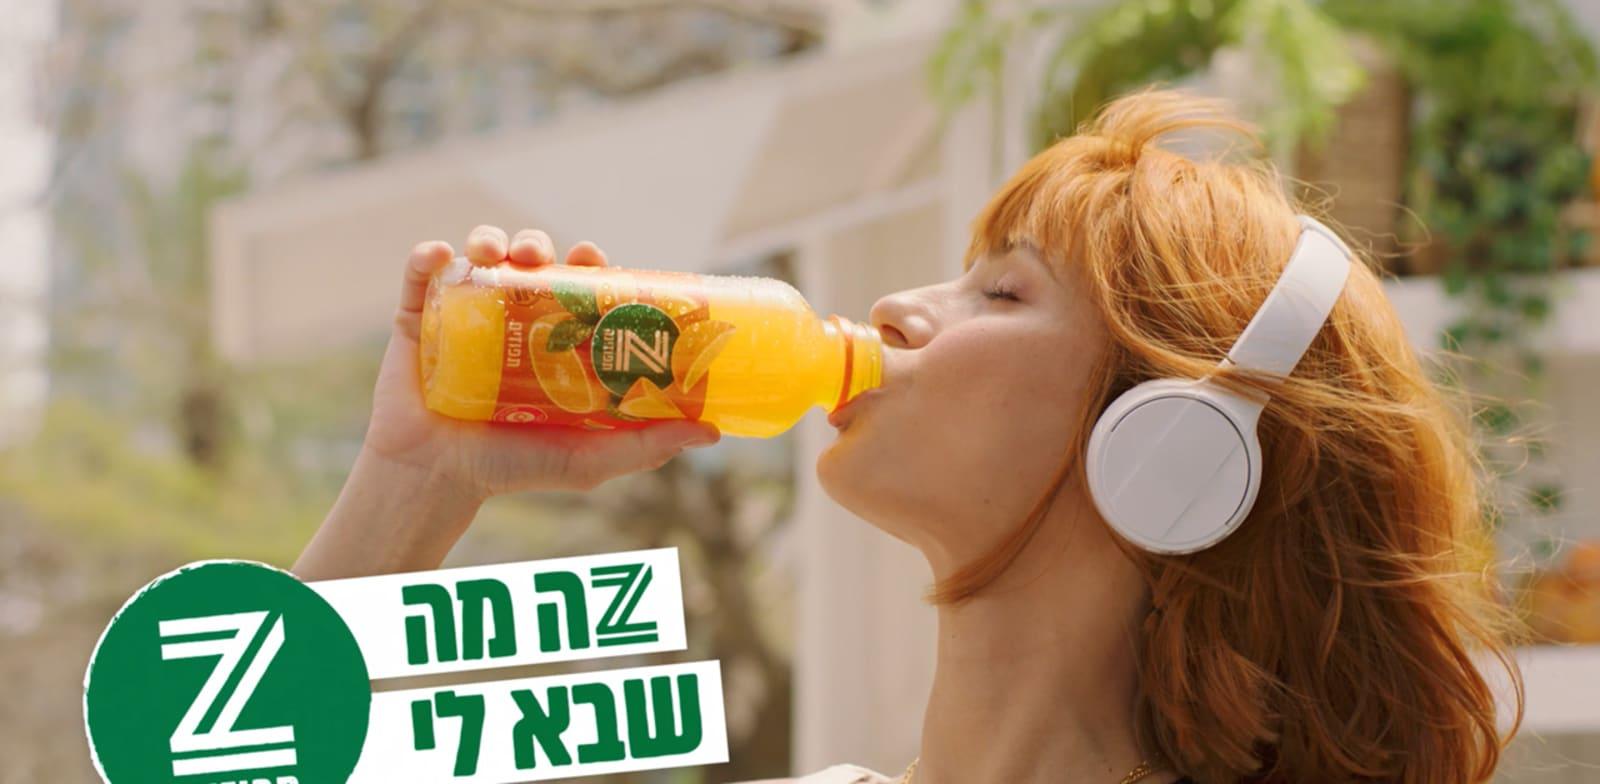 ליהי קורנובסקי בפרסומת של תפוזינה / צילומ מסך מתוך הפרסומות